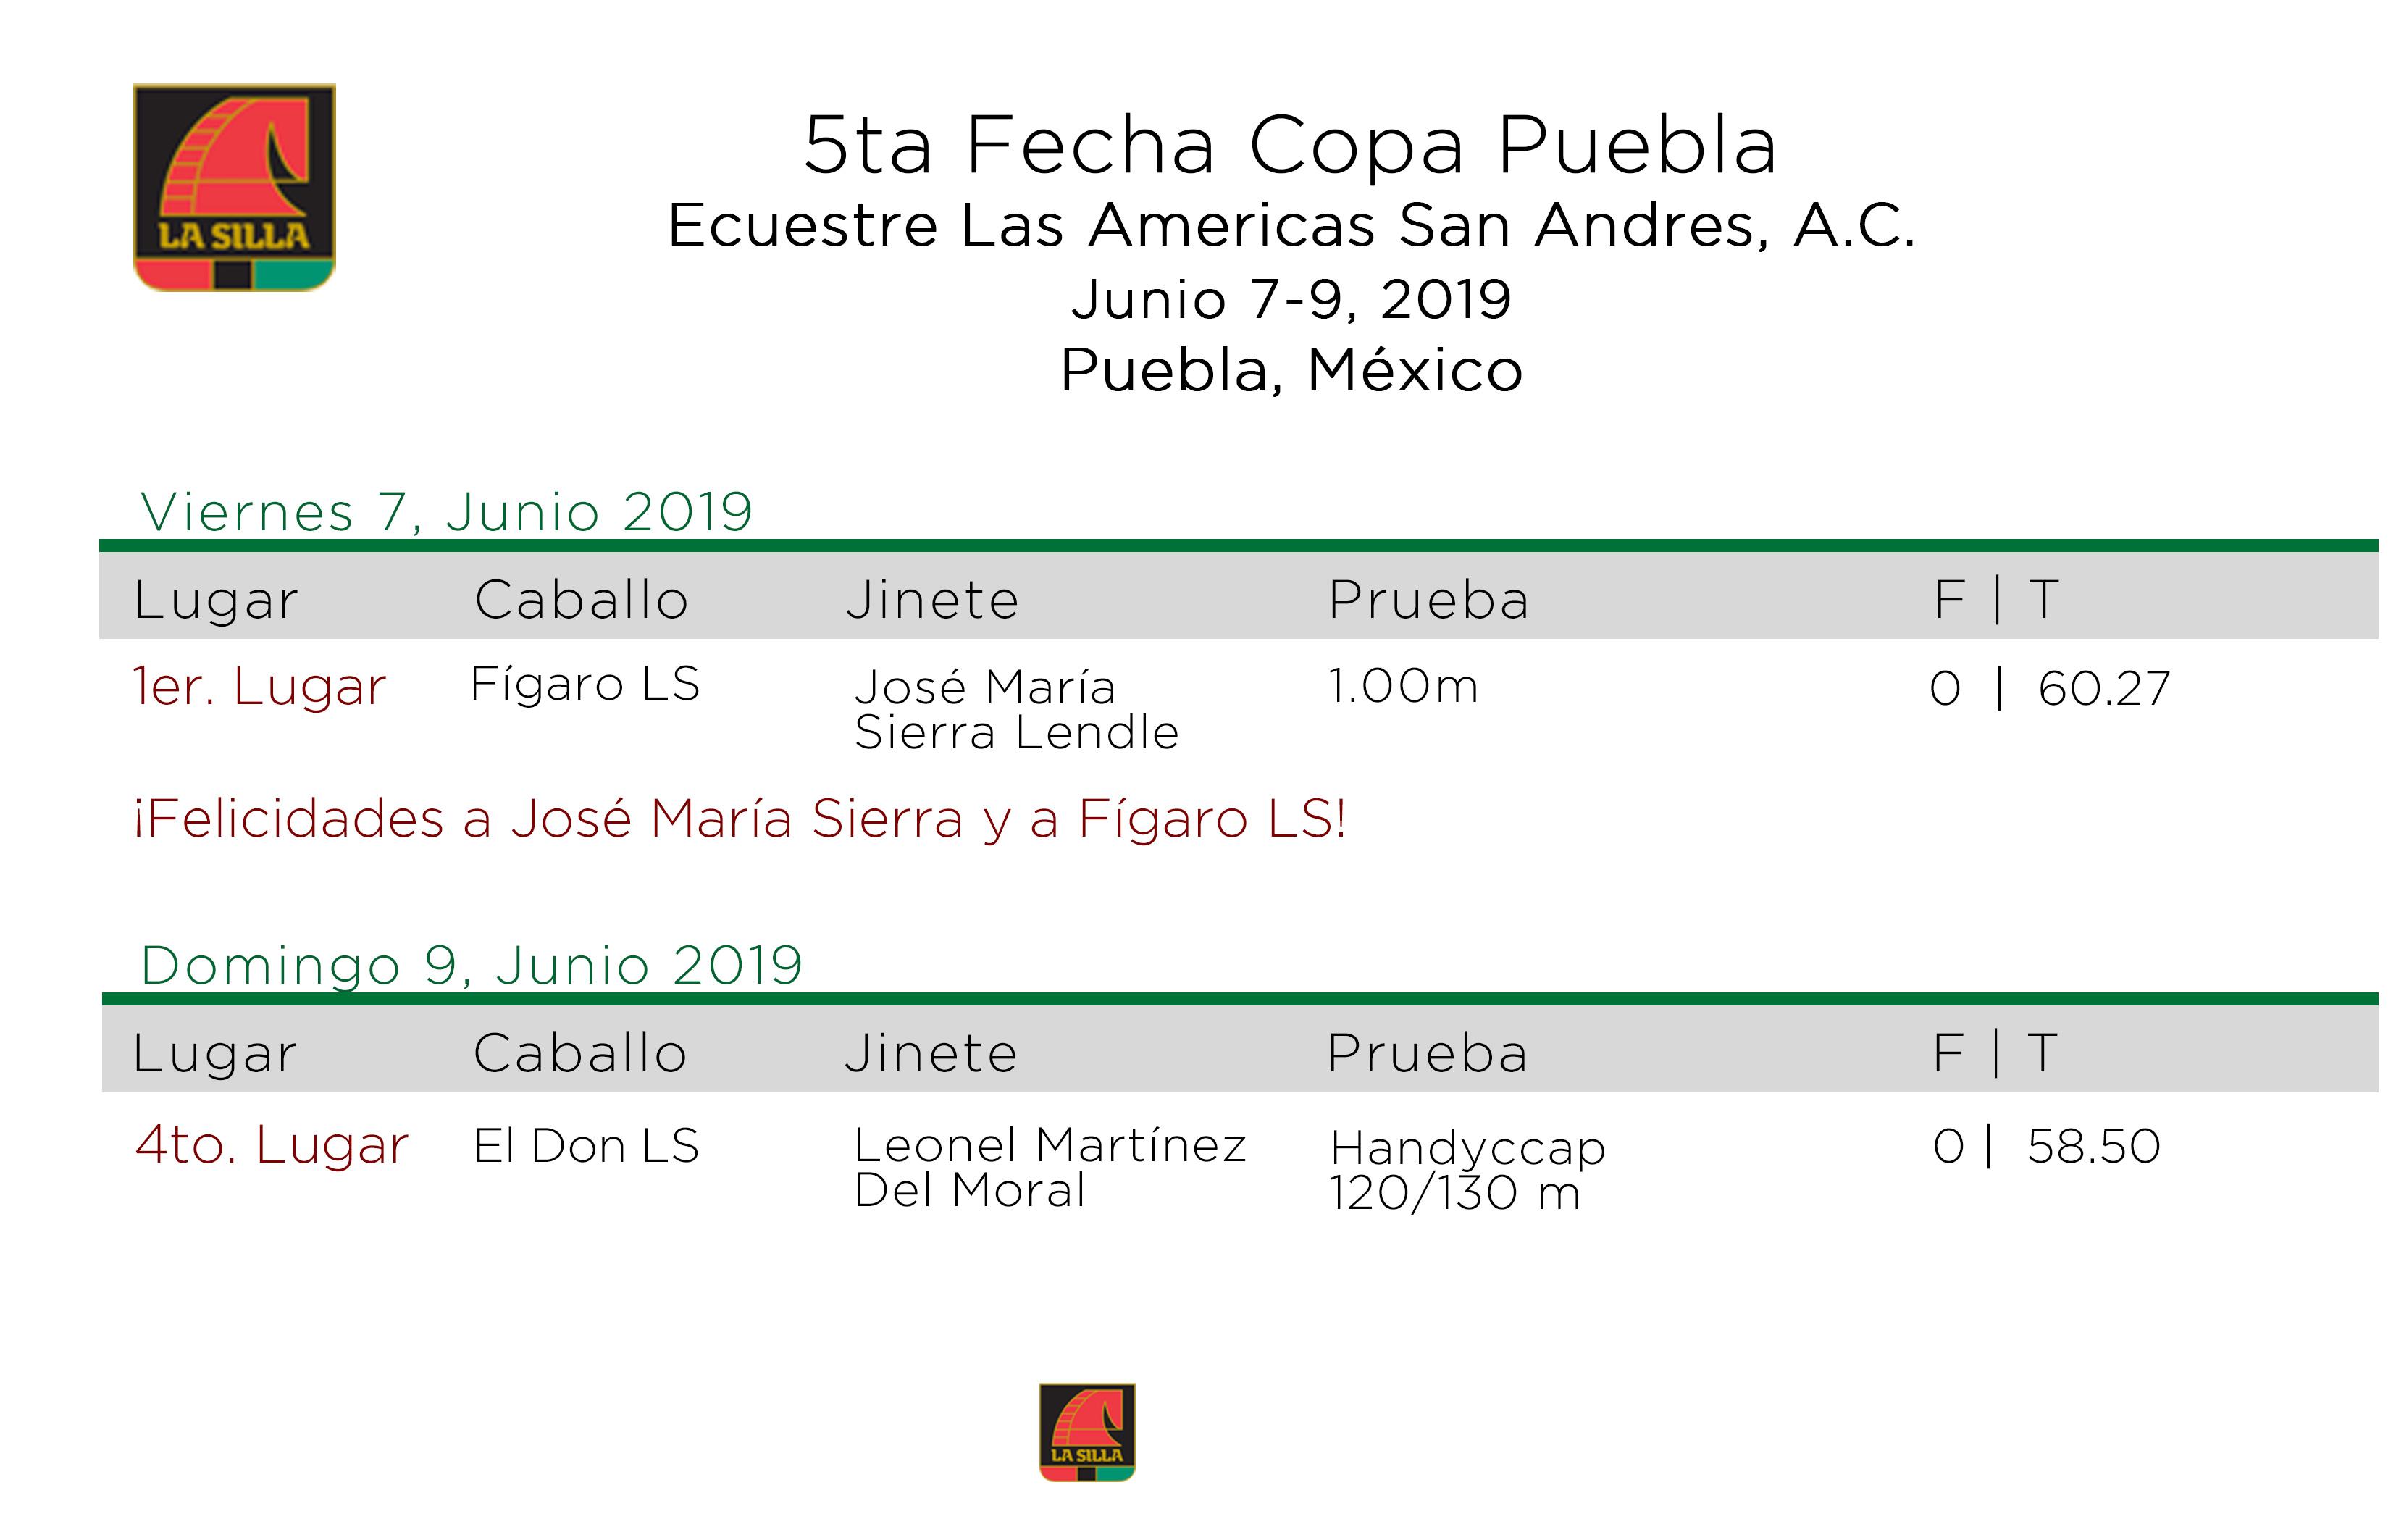 5ta-Fecha-Copa-Puebla-Junio-7-9,-2019-